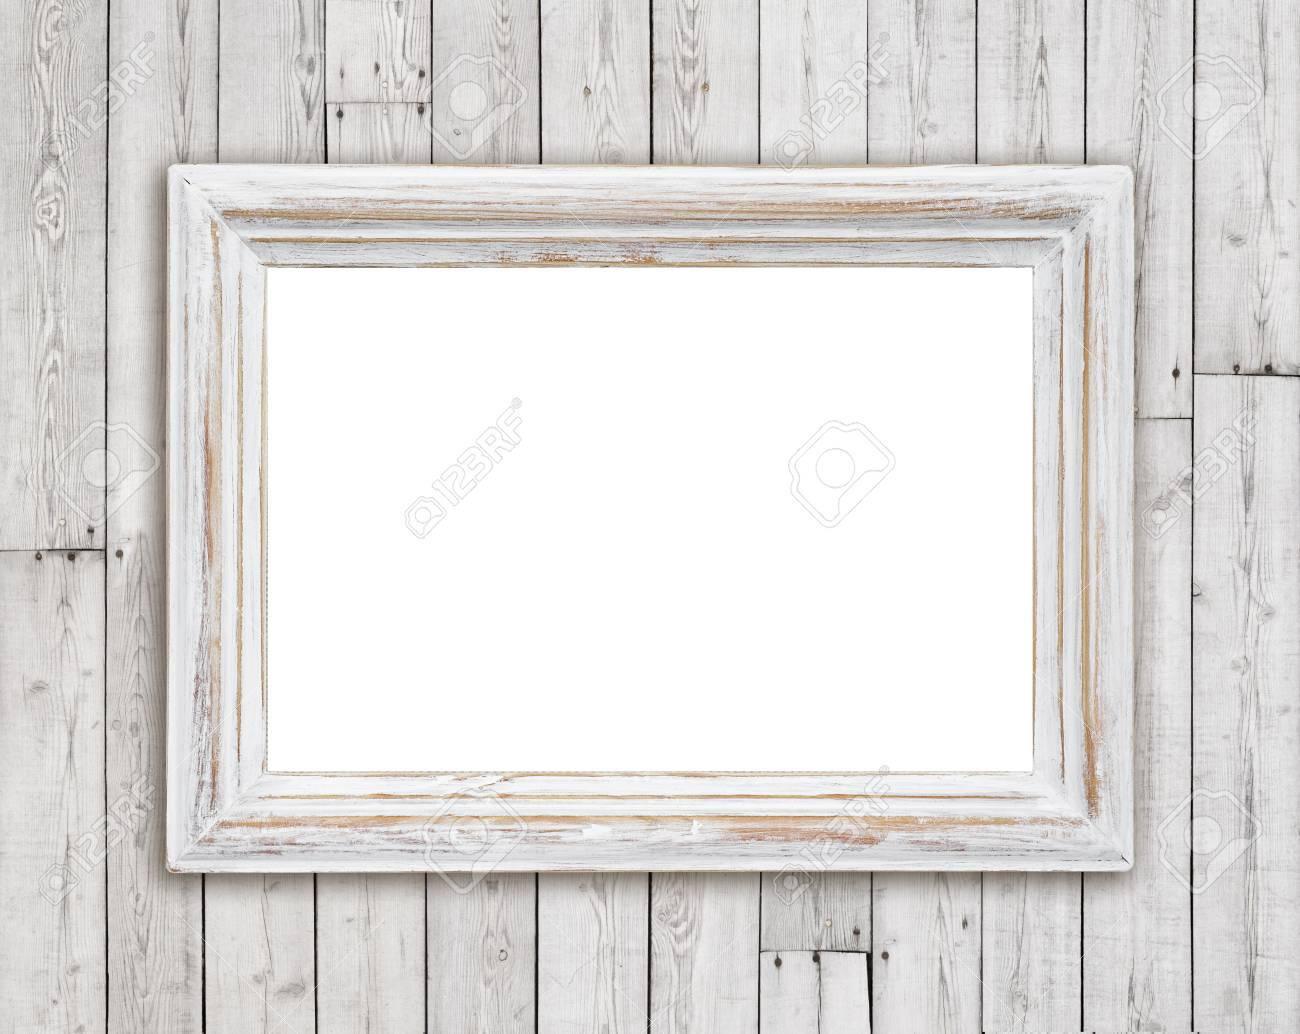 La Plinthe Du Mur blanchis cadre photo en bois sur la planche millésime mur fond